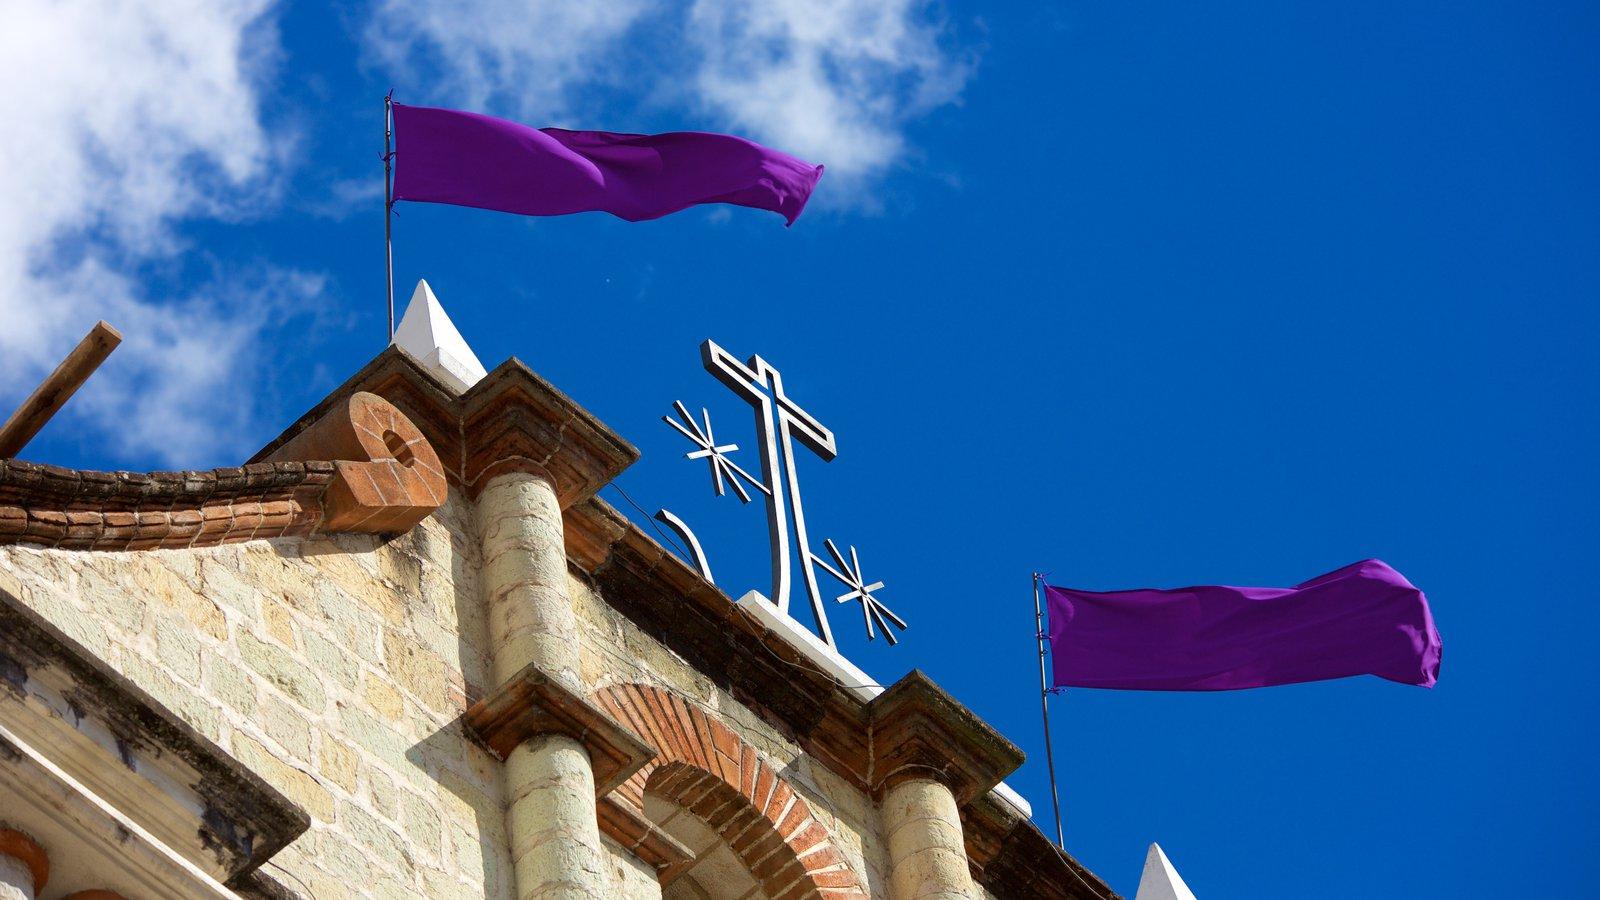 Igreja de São Francisco que inclui uma igreja ou catedral